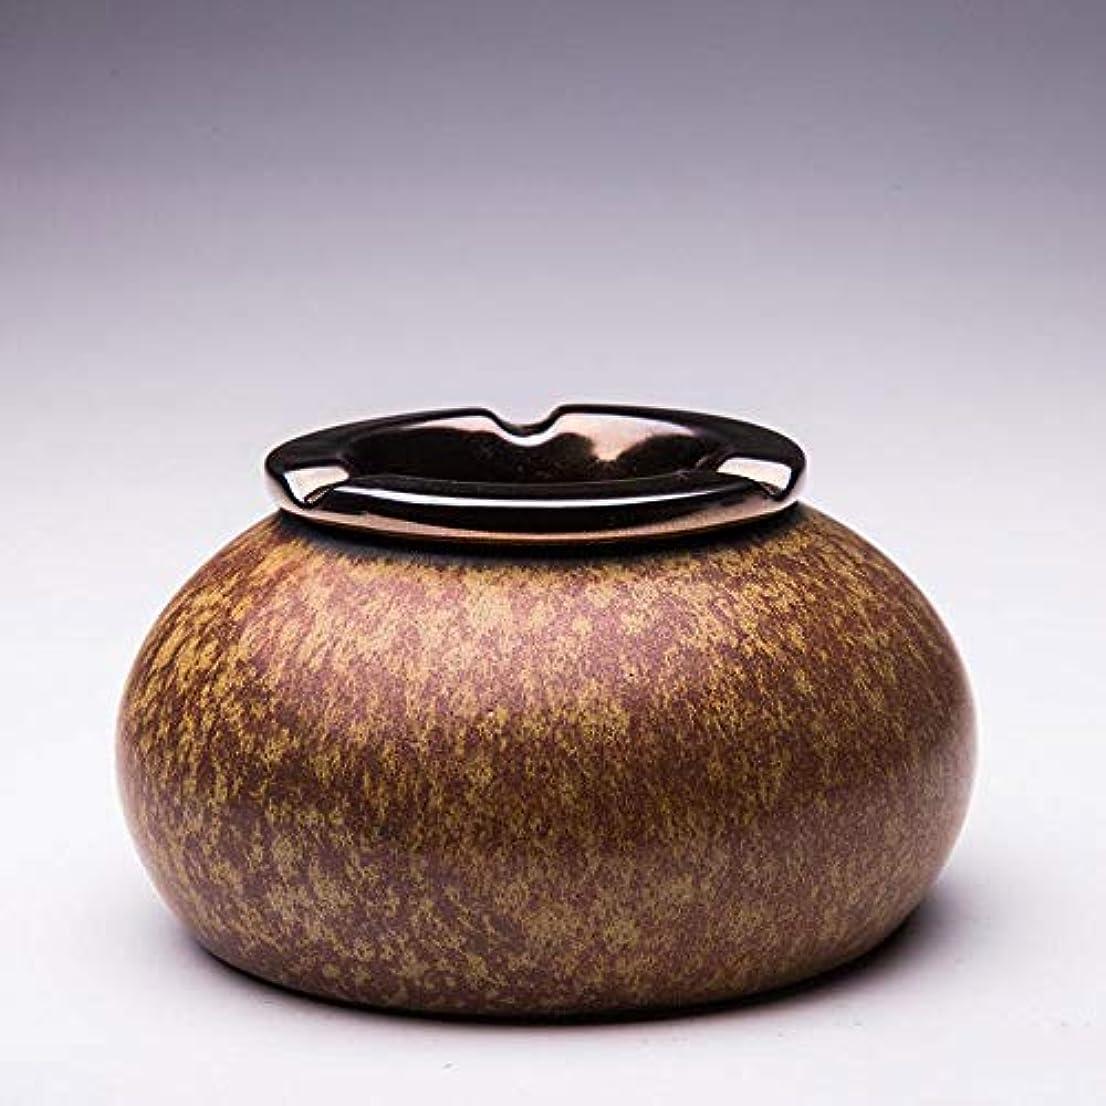 食事リフレッシュかりて灰皿Creative Outdoor Ceramics灰皿 (色 : 褐色)